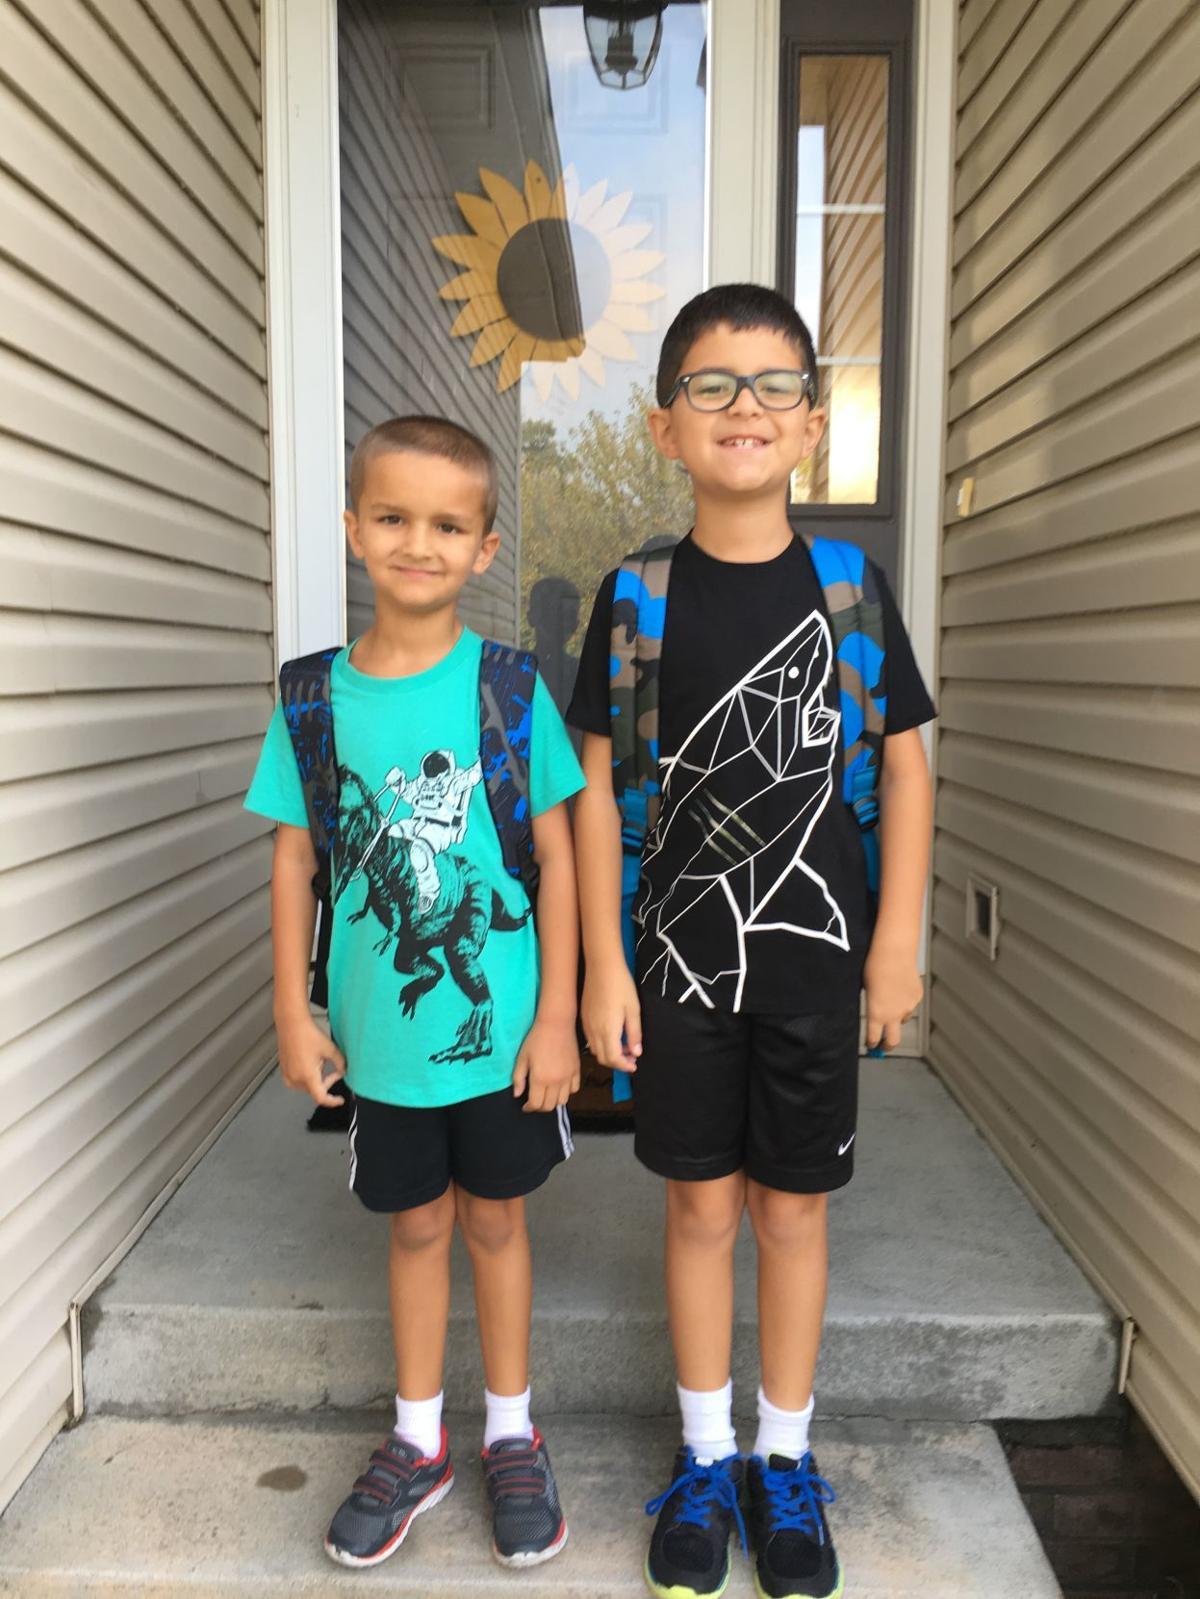 Zachary and Brady Durban